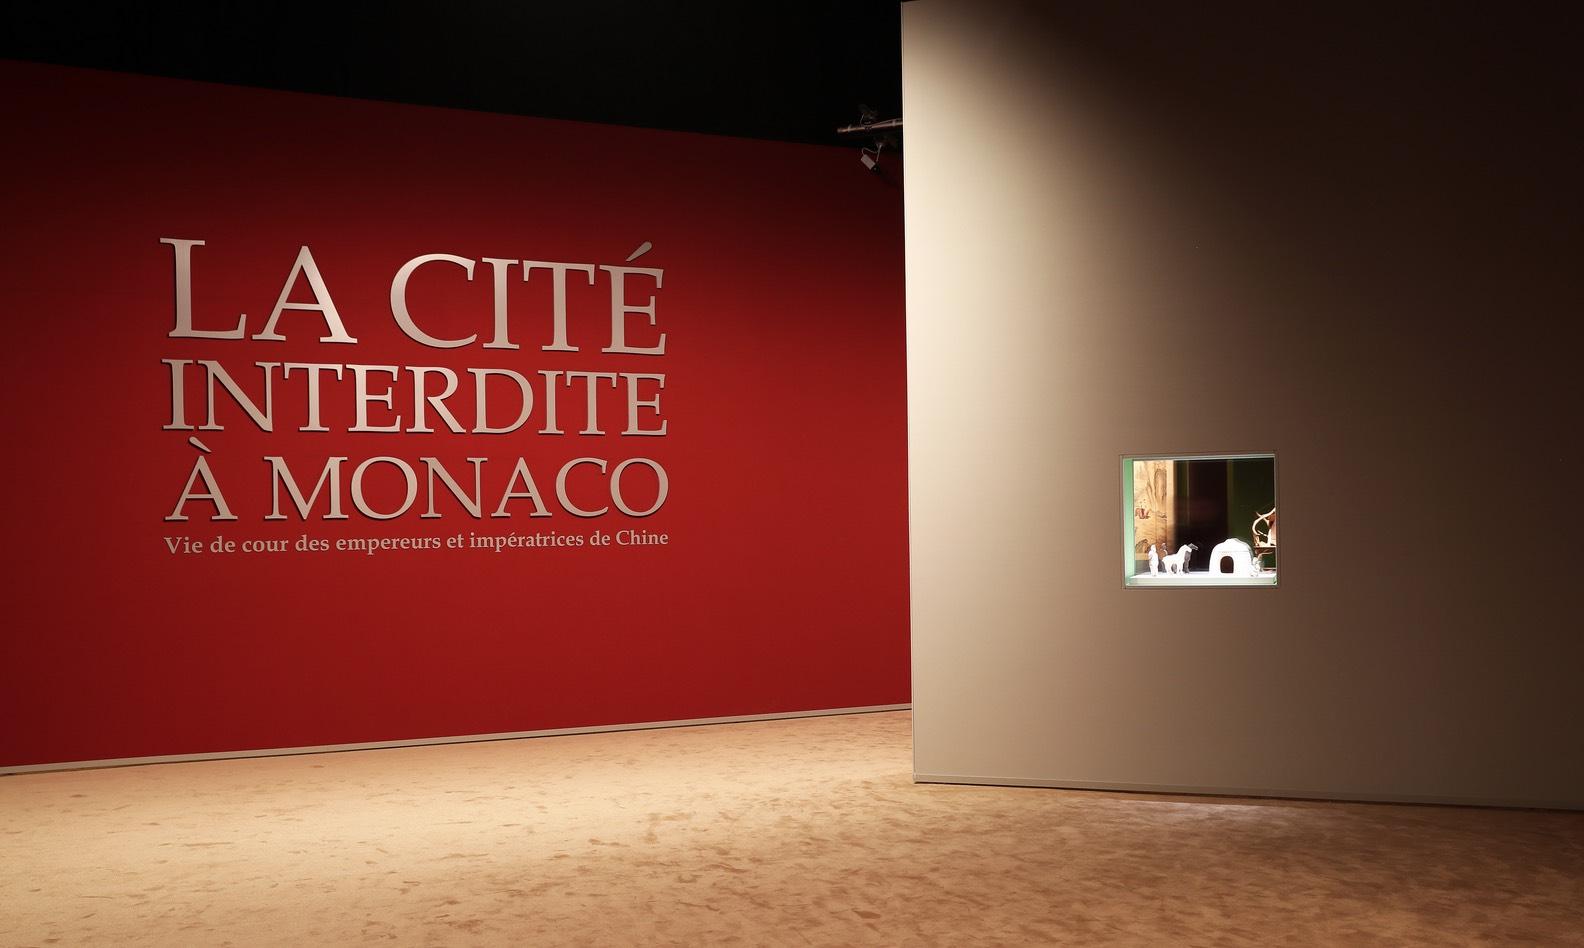 Exposition La Cité interdite